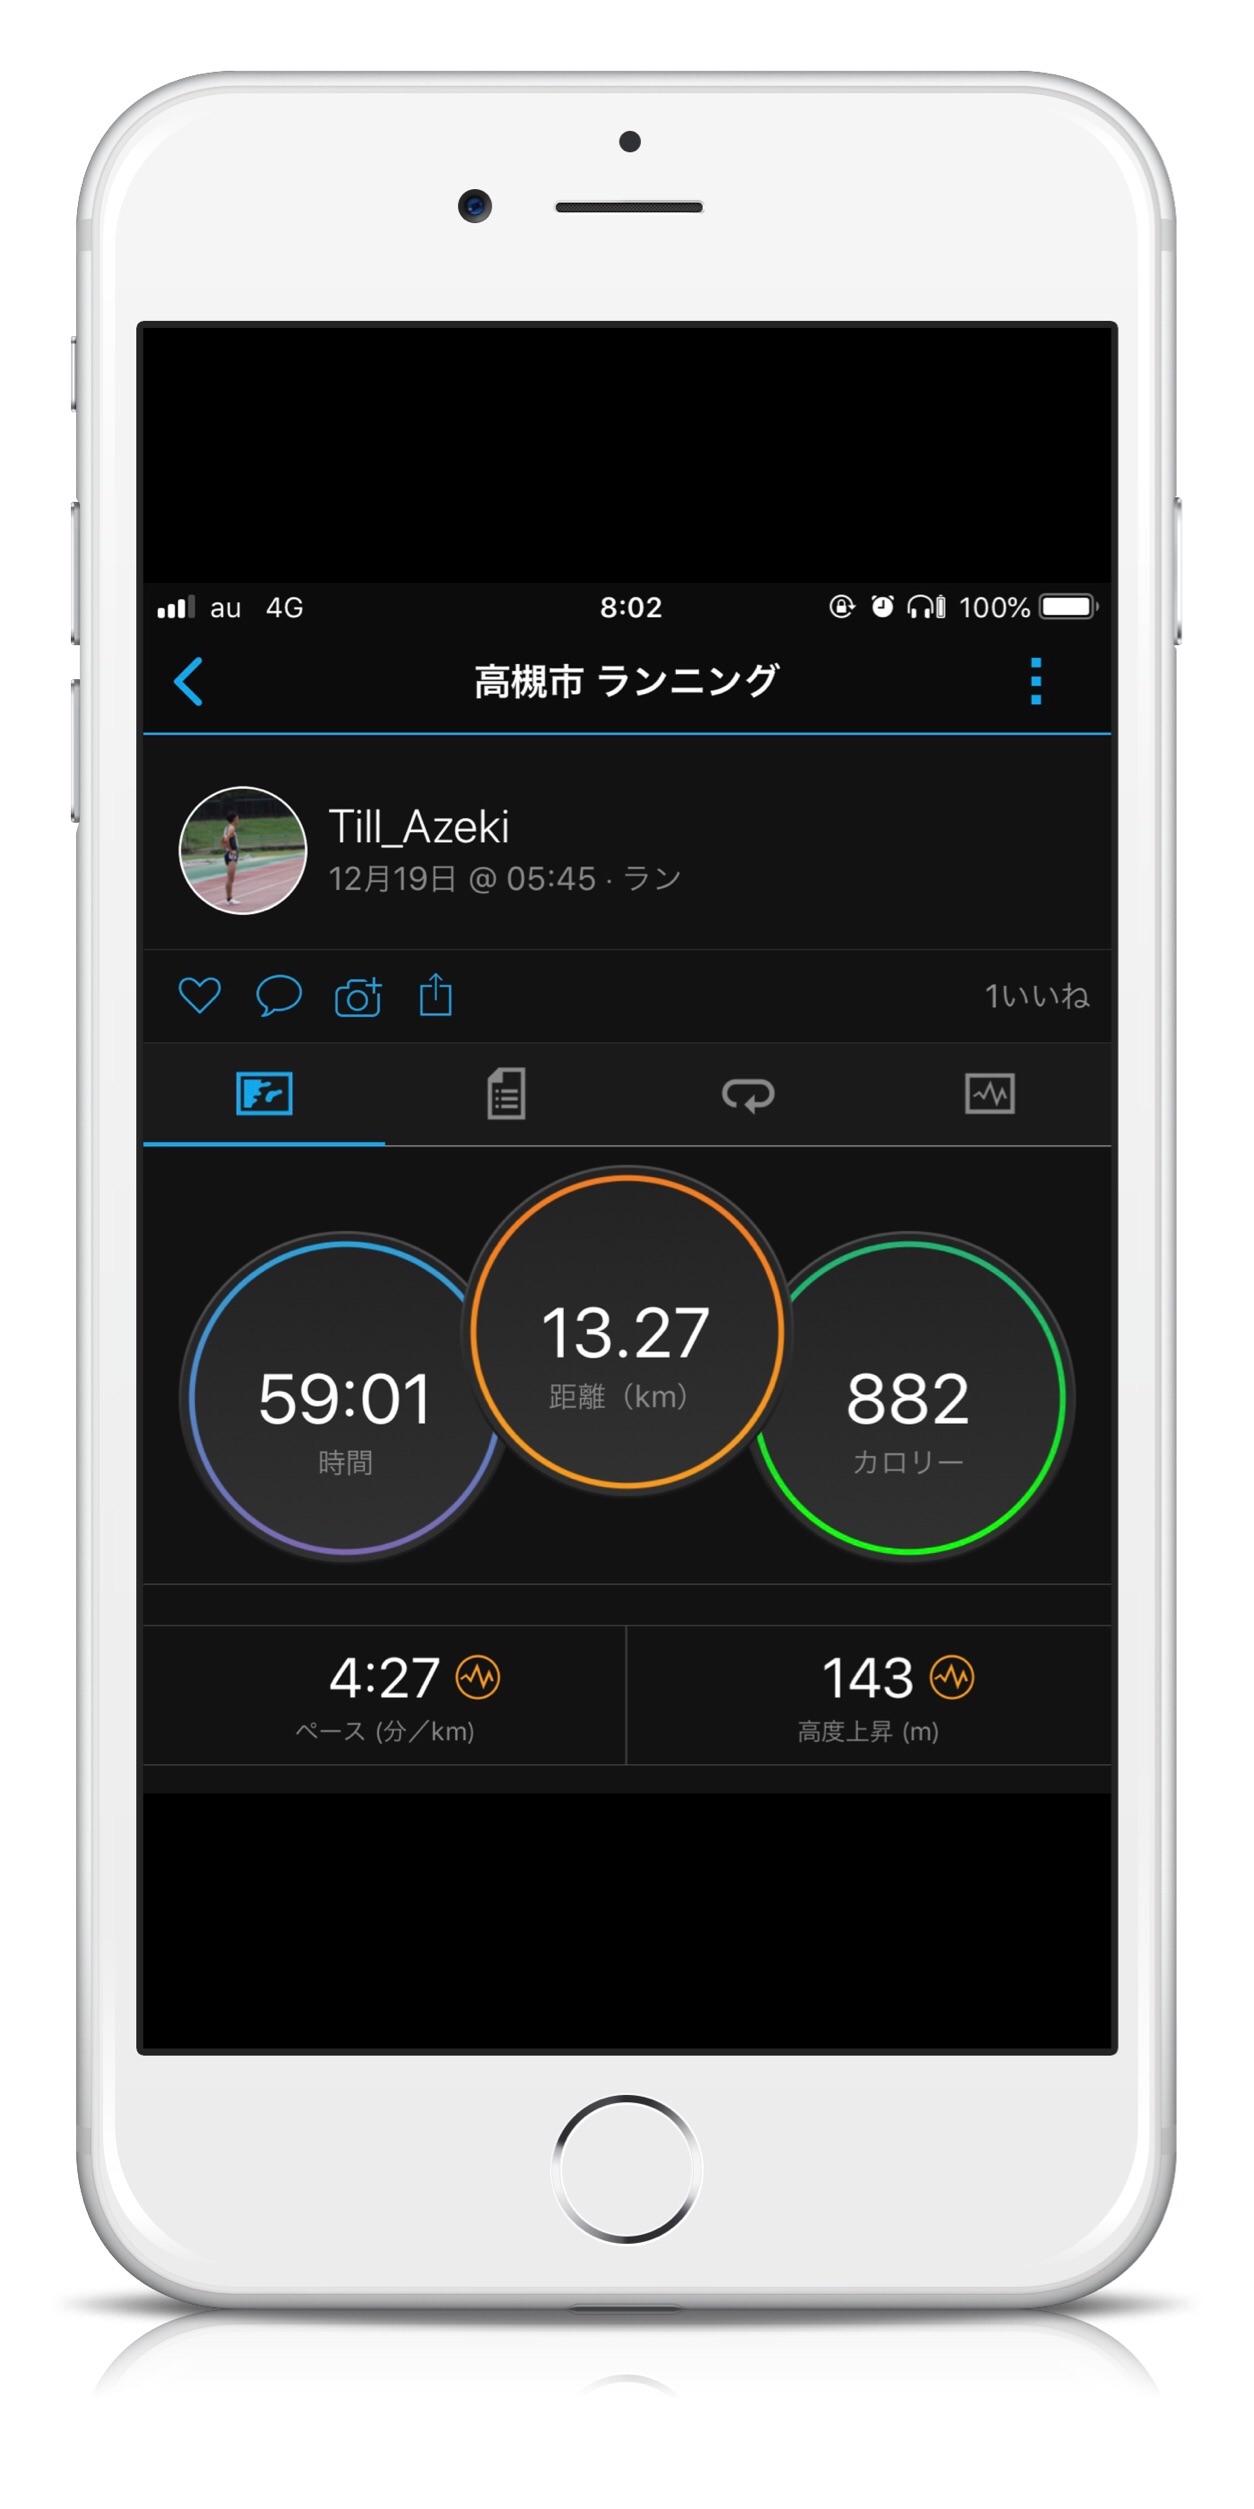 f:id:Till_Azeki:20181219221850j:image